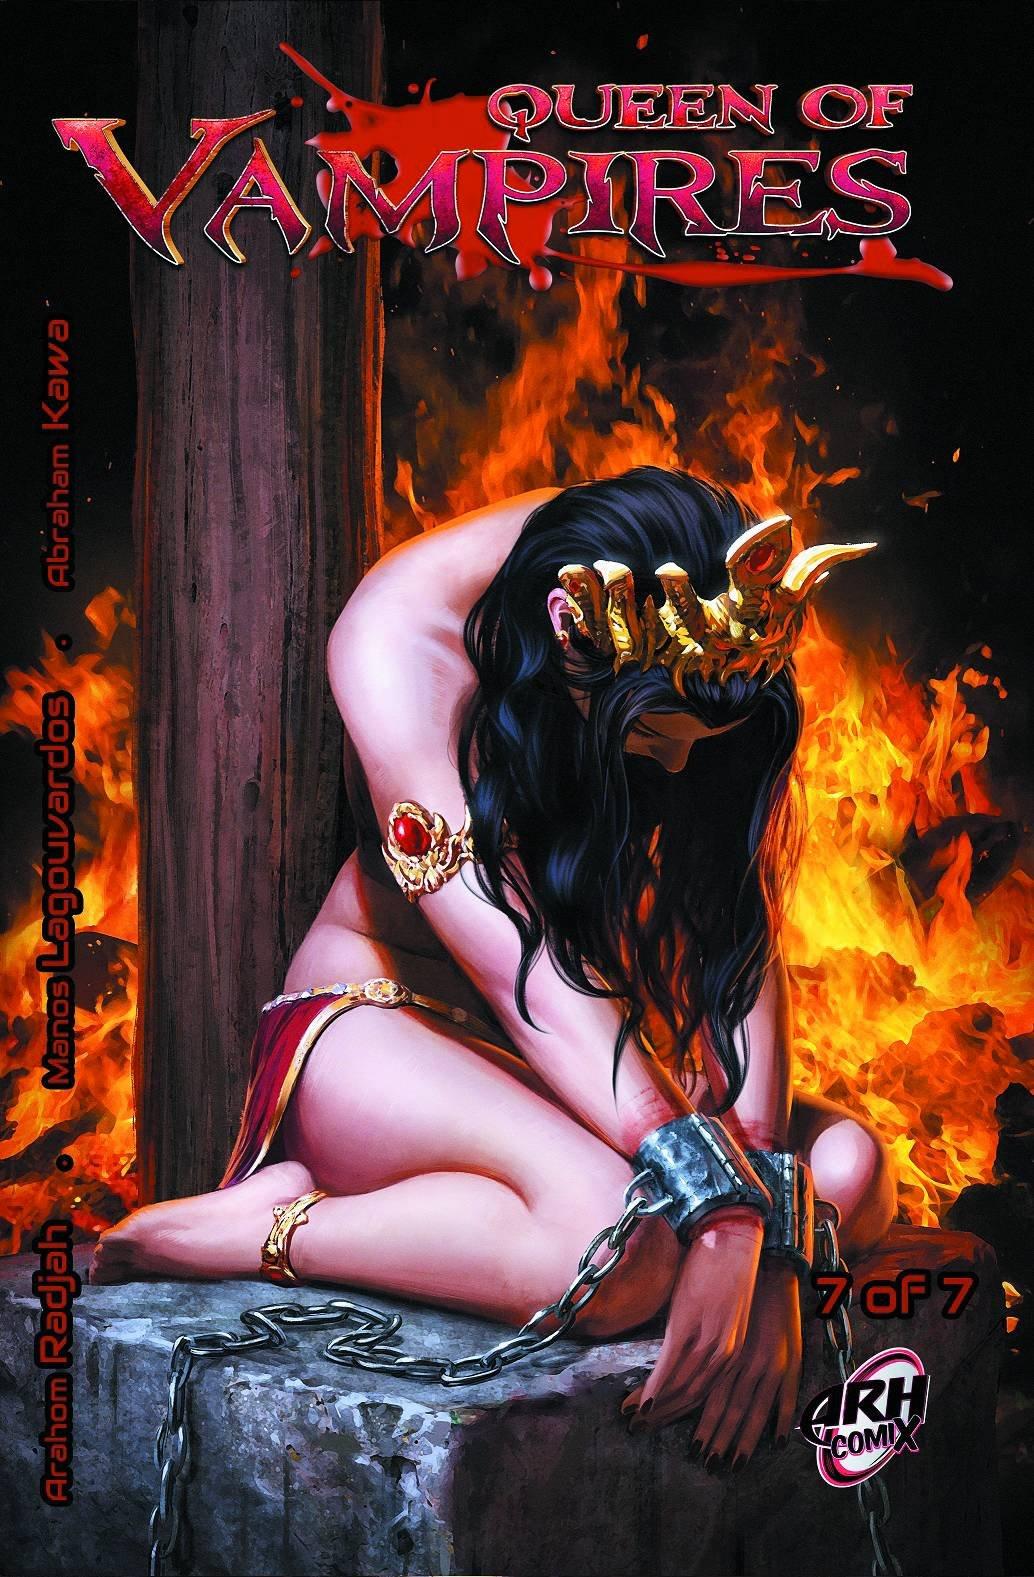 QUEEN OF VAMPIRES #7 (OF 7) (MR) ebook